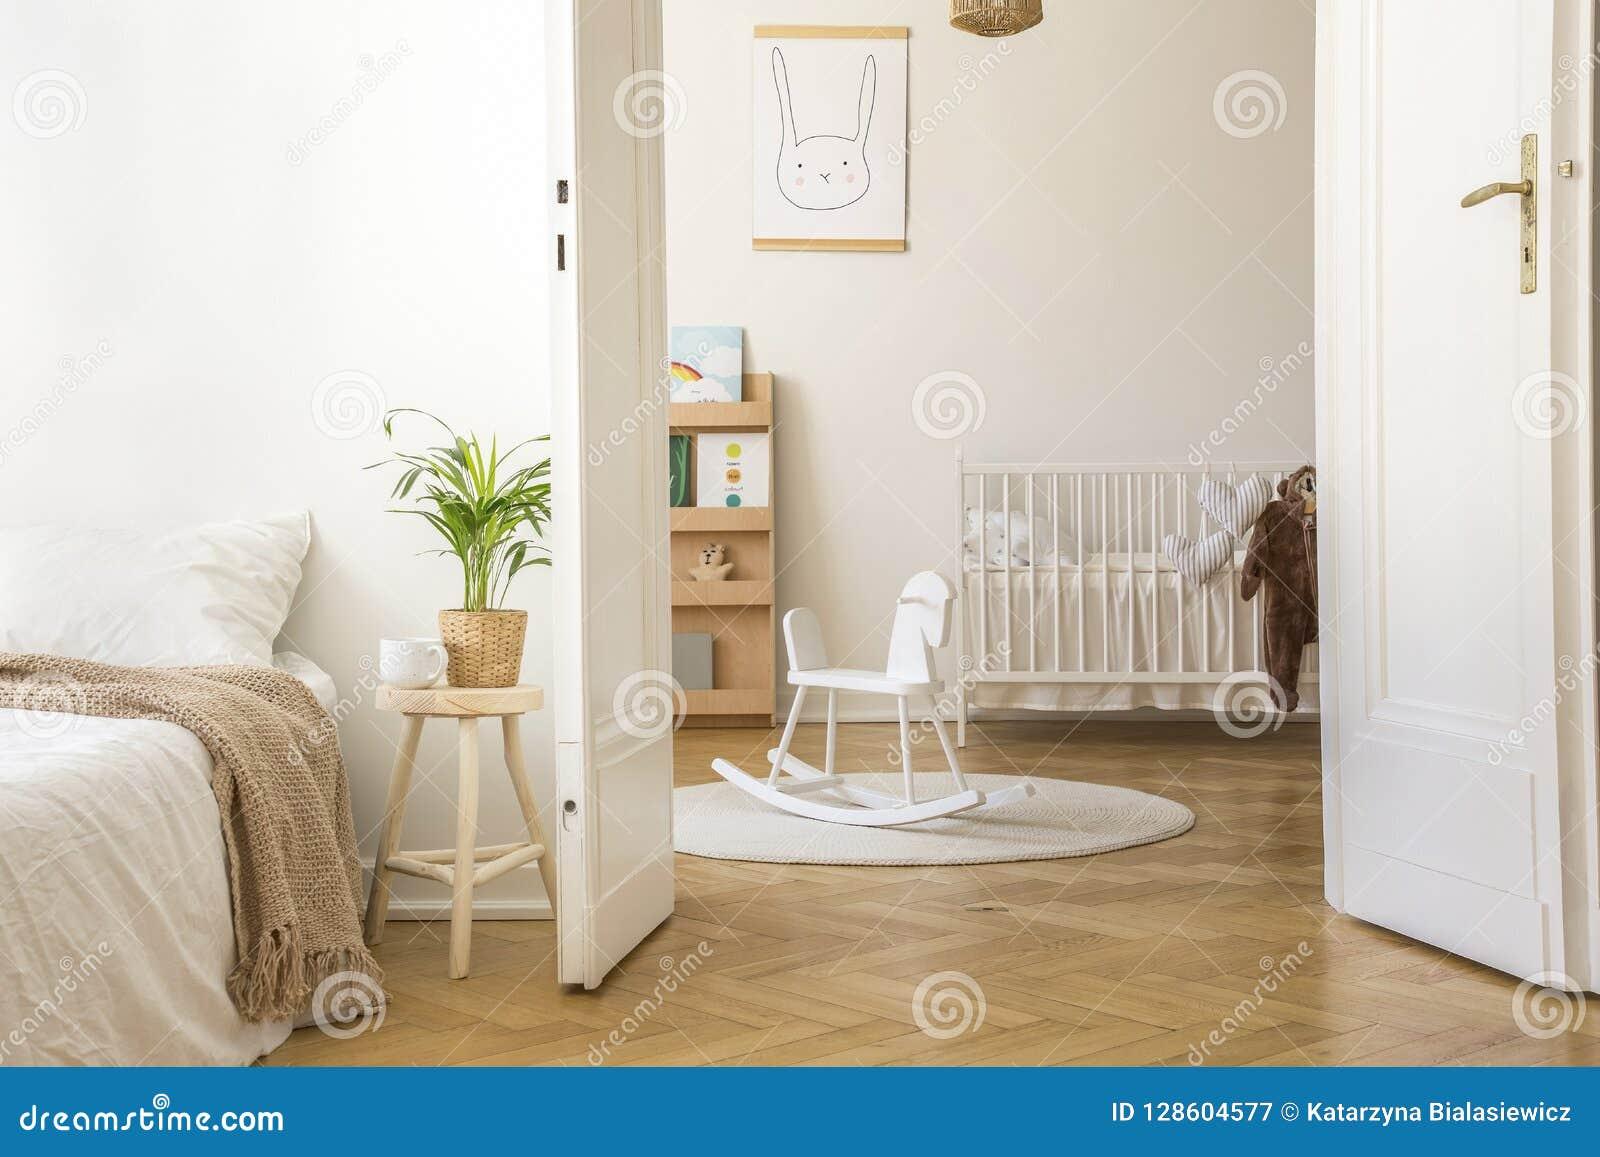 凳子的植物在白色卧室内部的床旁边与在地毯和摇篮的摇马